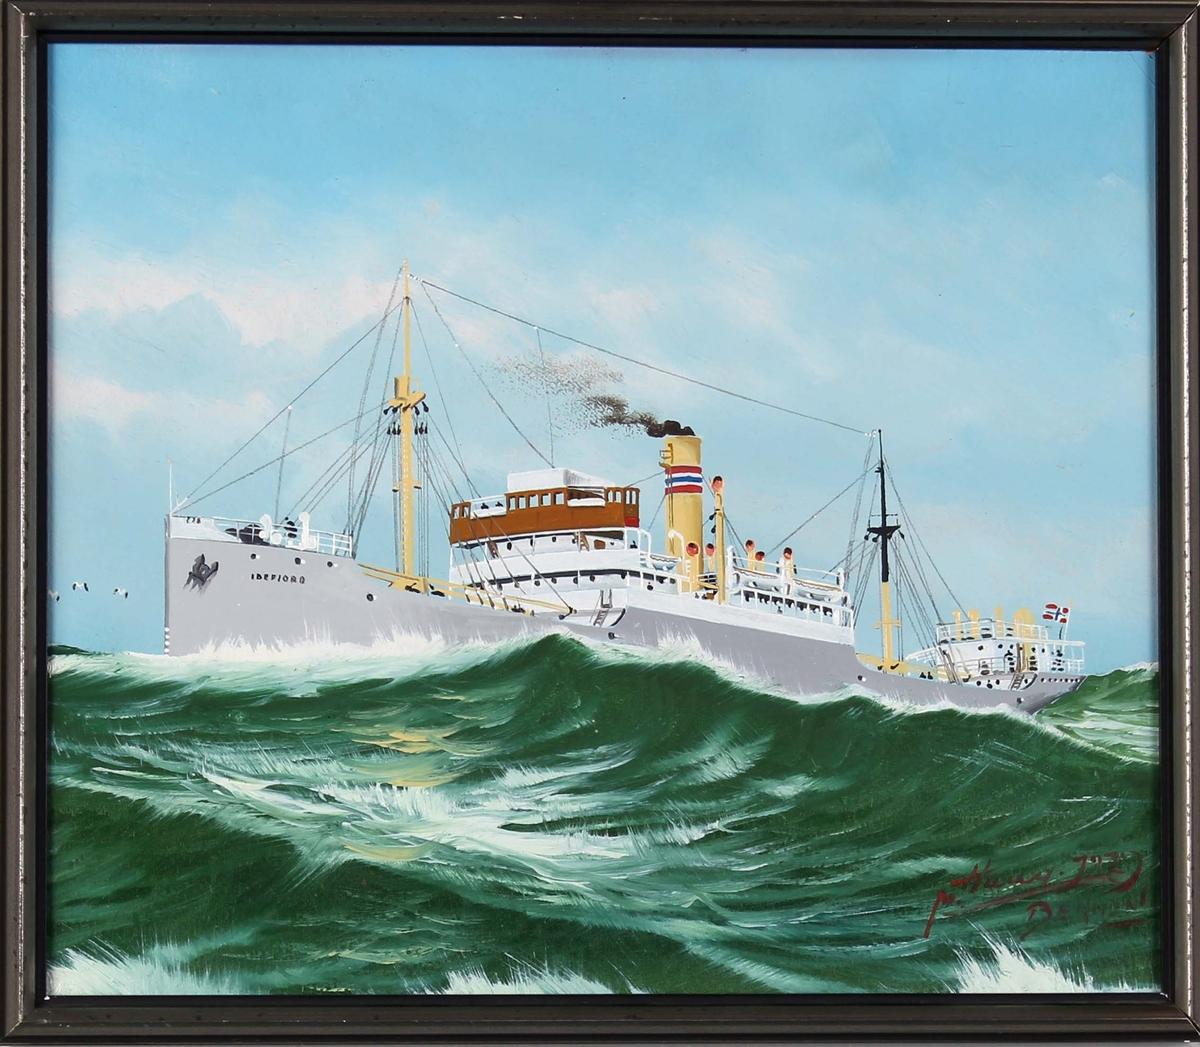 Skipsportrett av DS IDEFJORD under fart i åpen sjø.